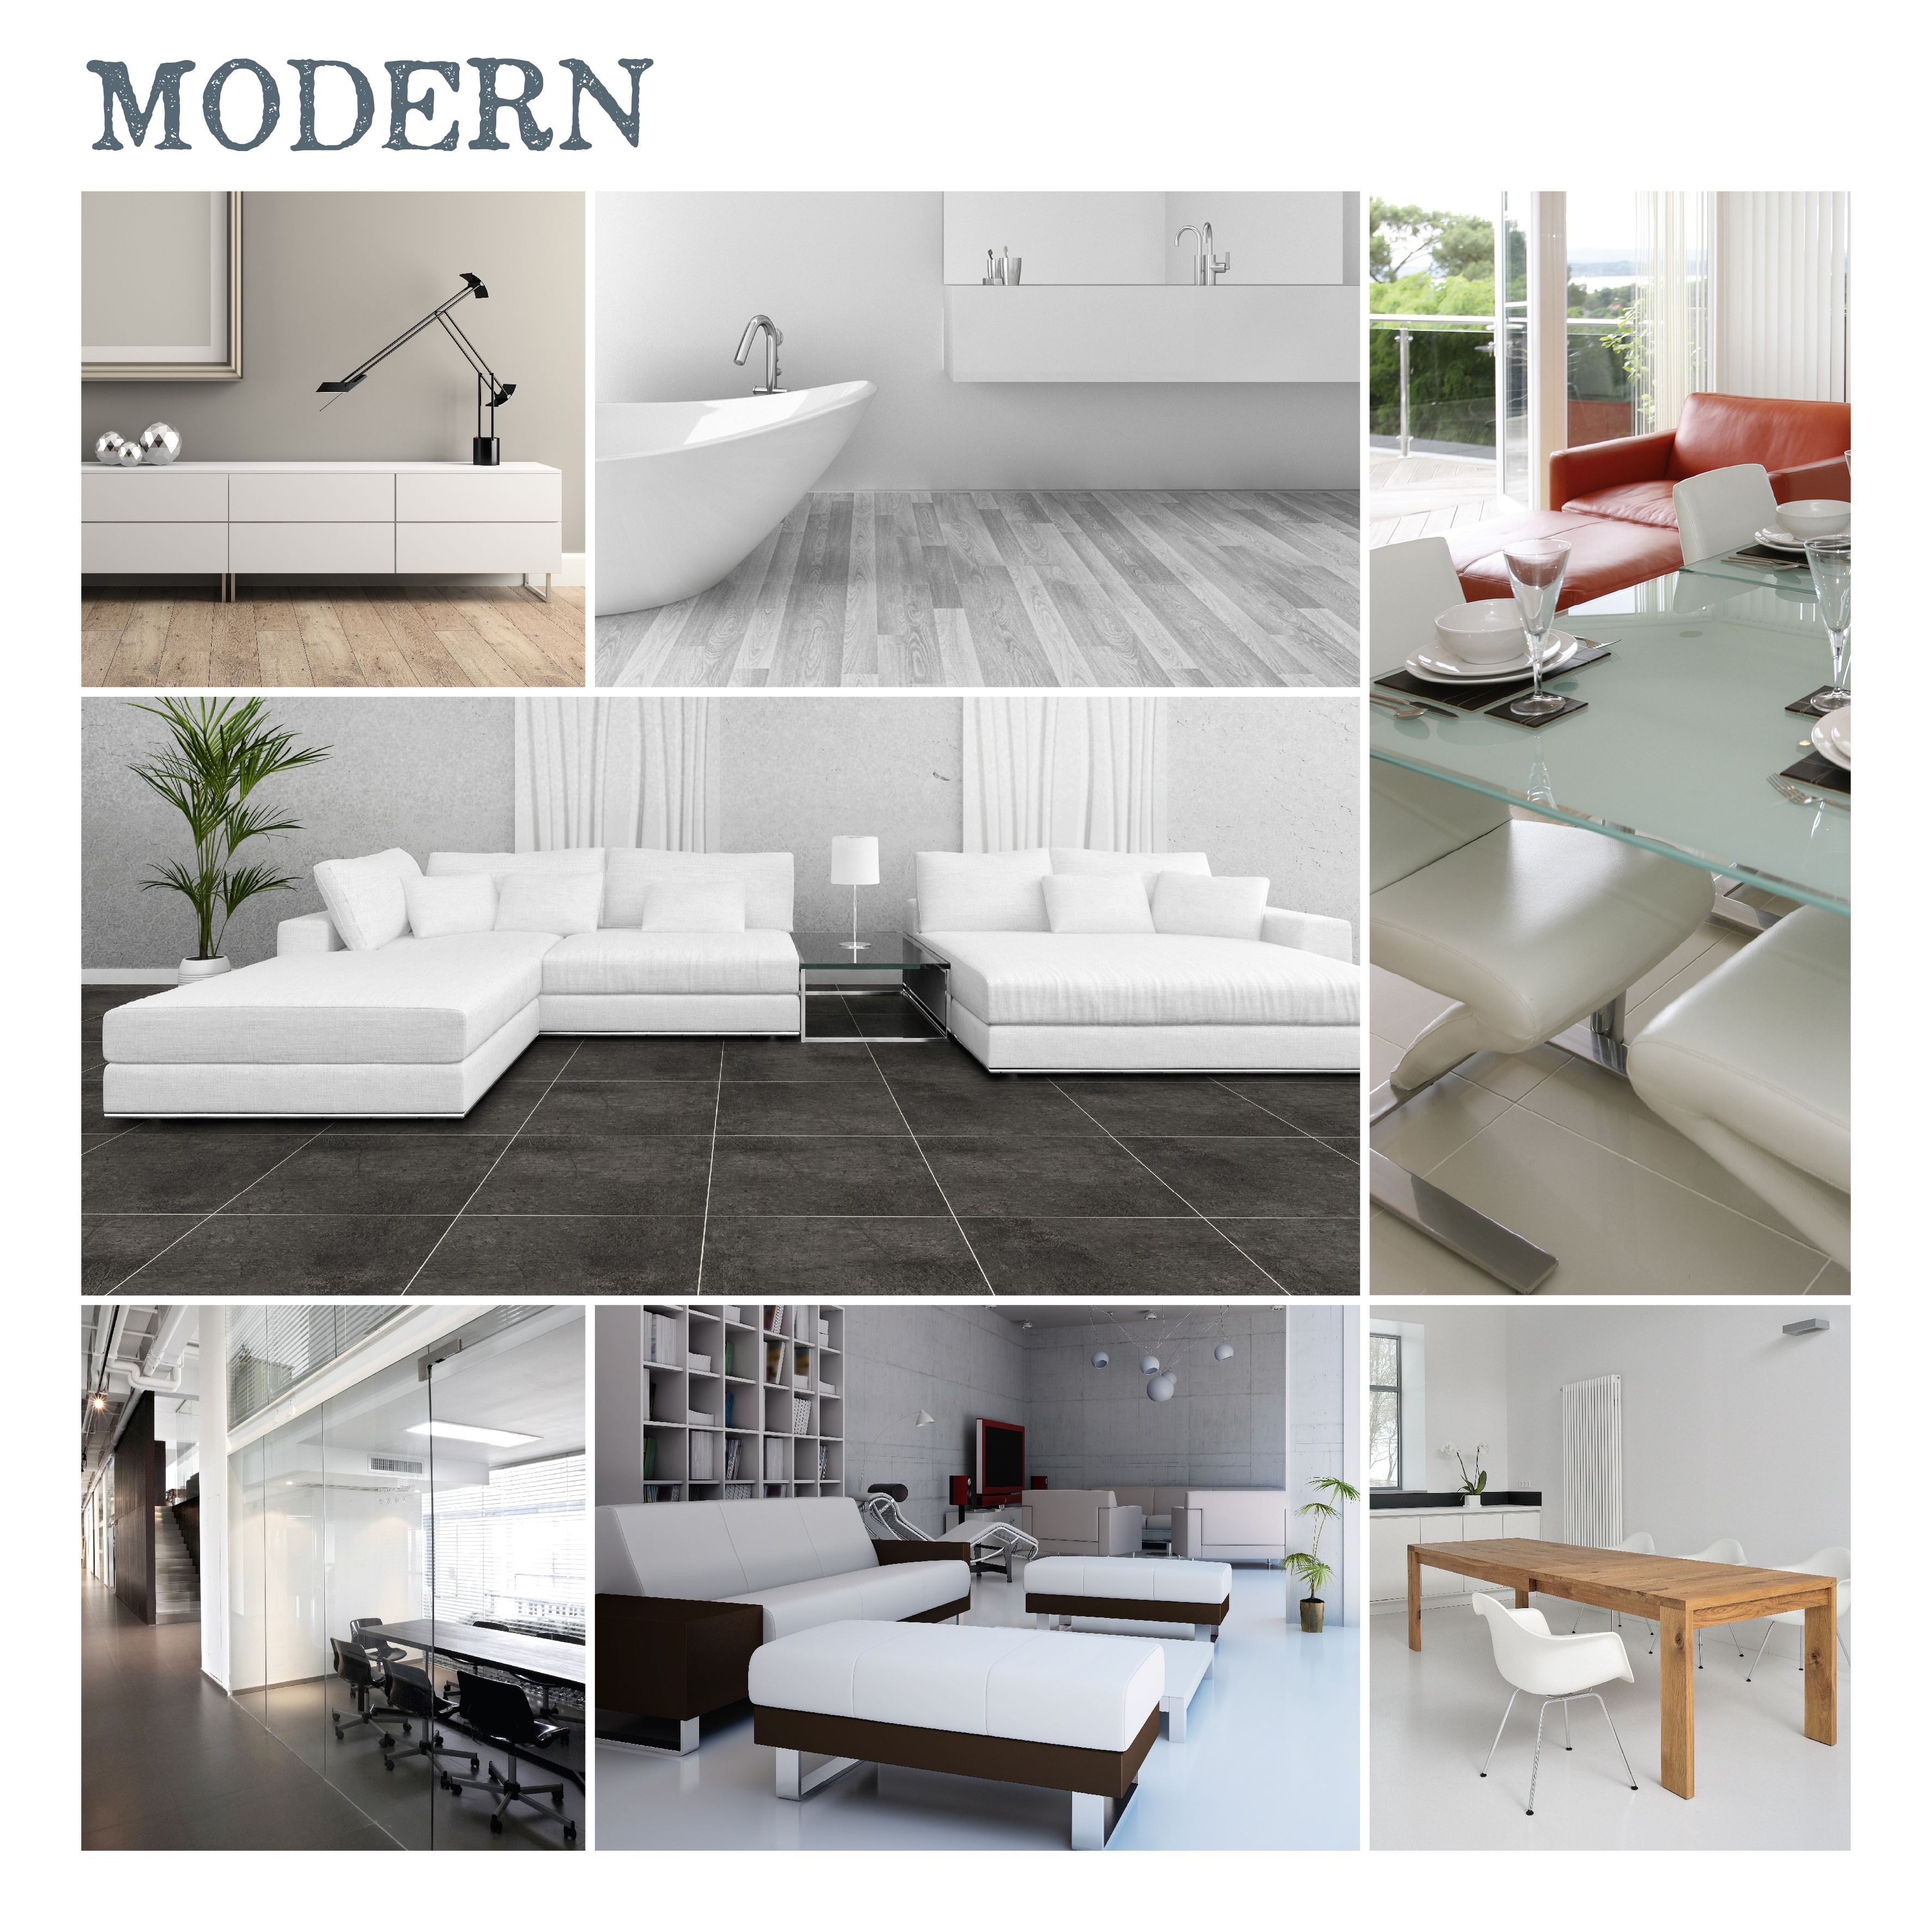 moderne pvc vloeren maken jouw moderne interieur glanzend rvs en leer in combinatie met strakke